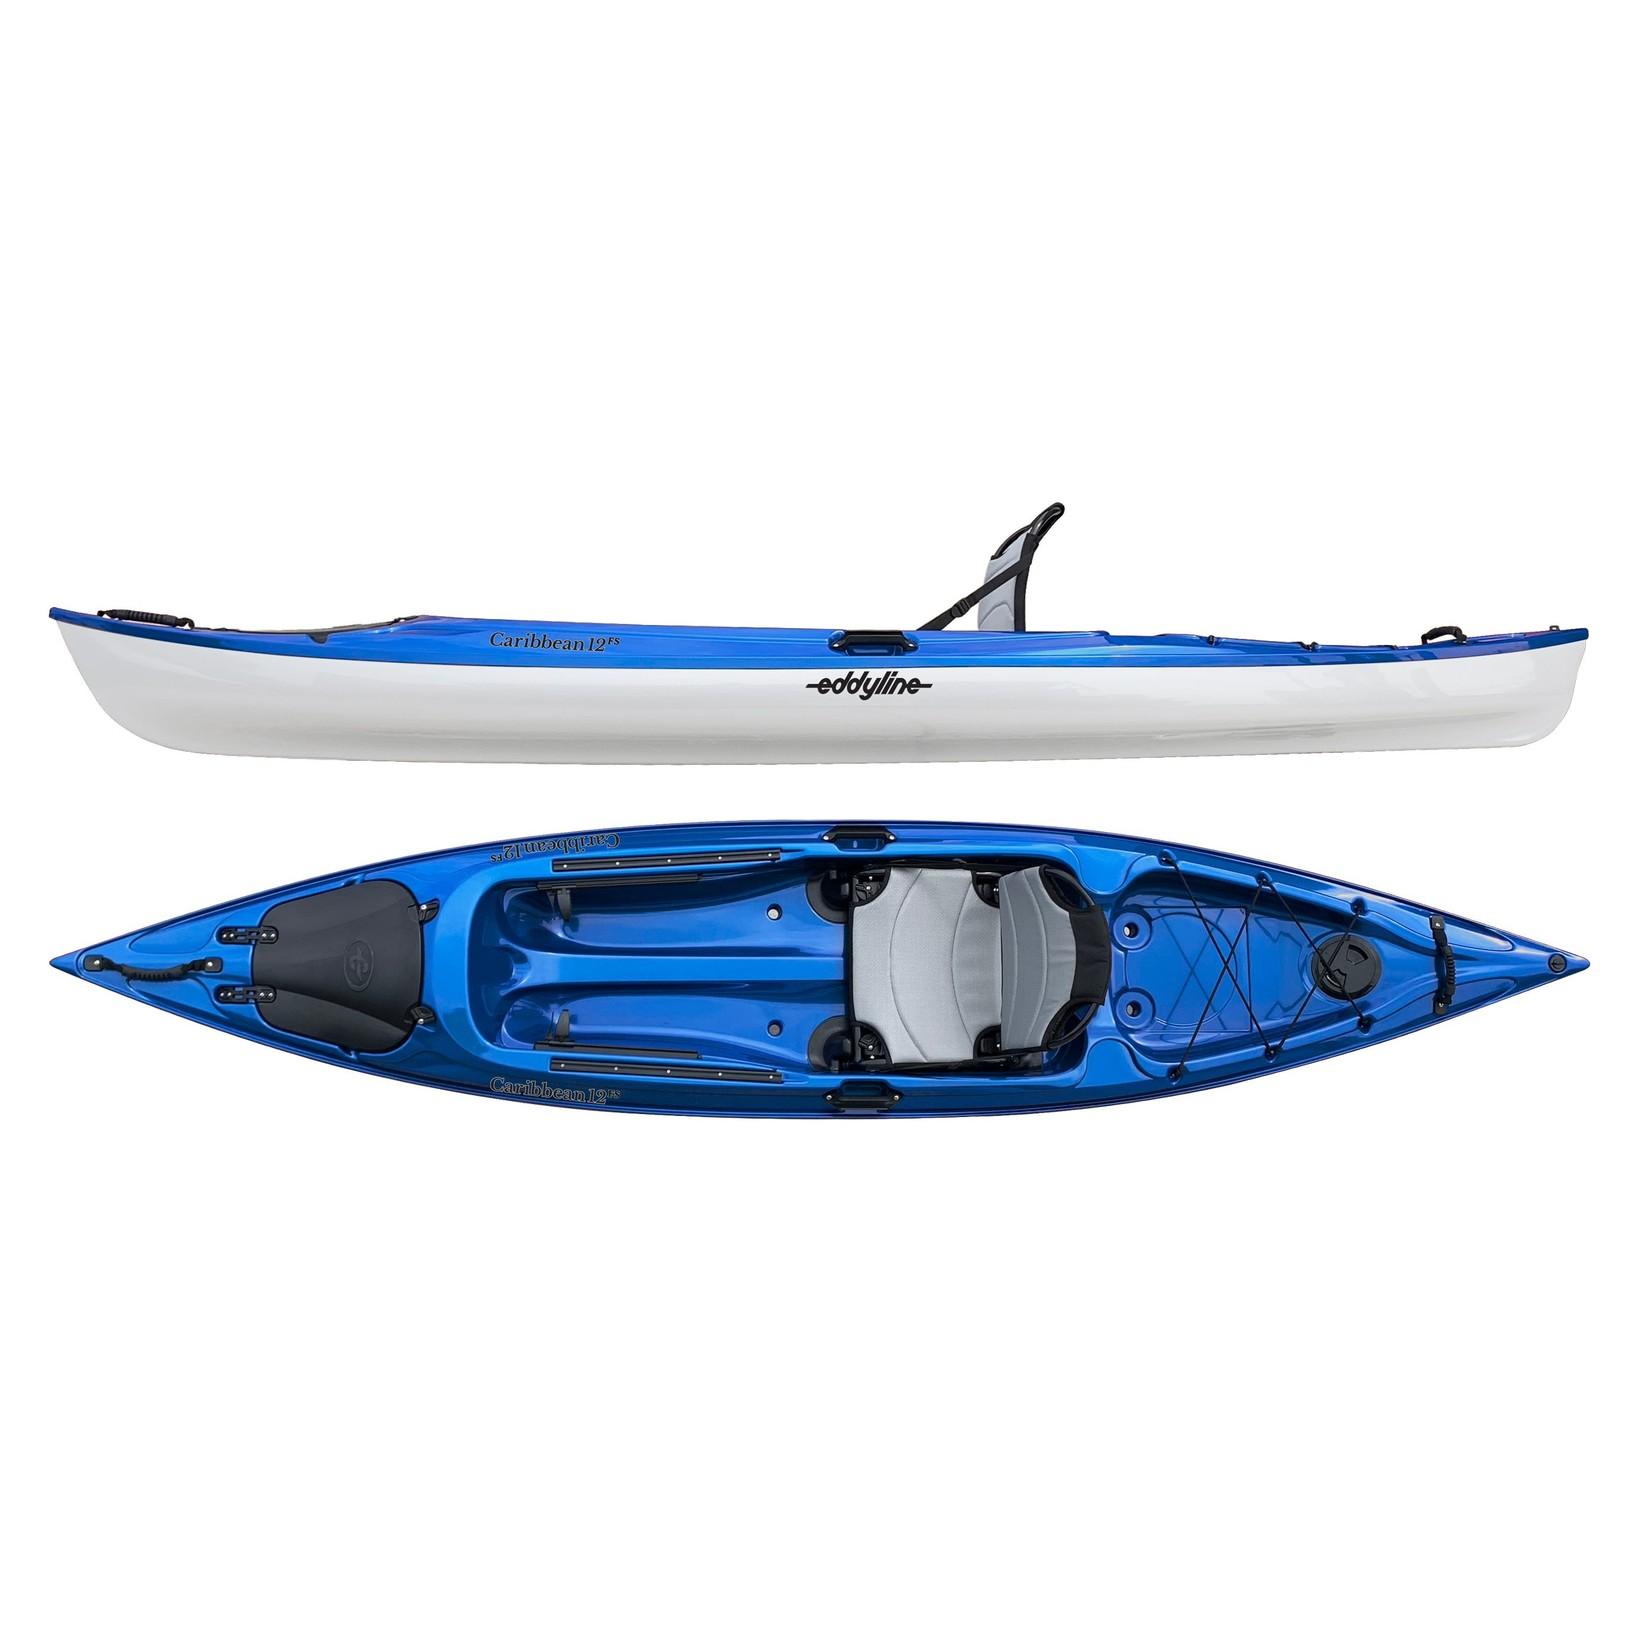 Eddyline Eddyline Kayak Caribbean 12FS